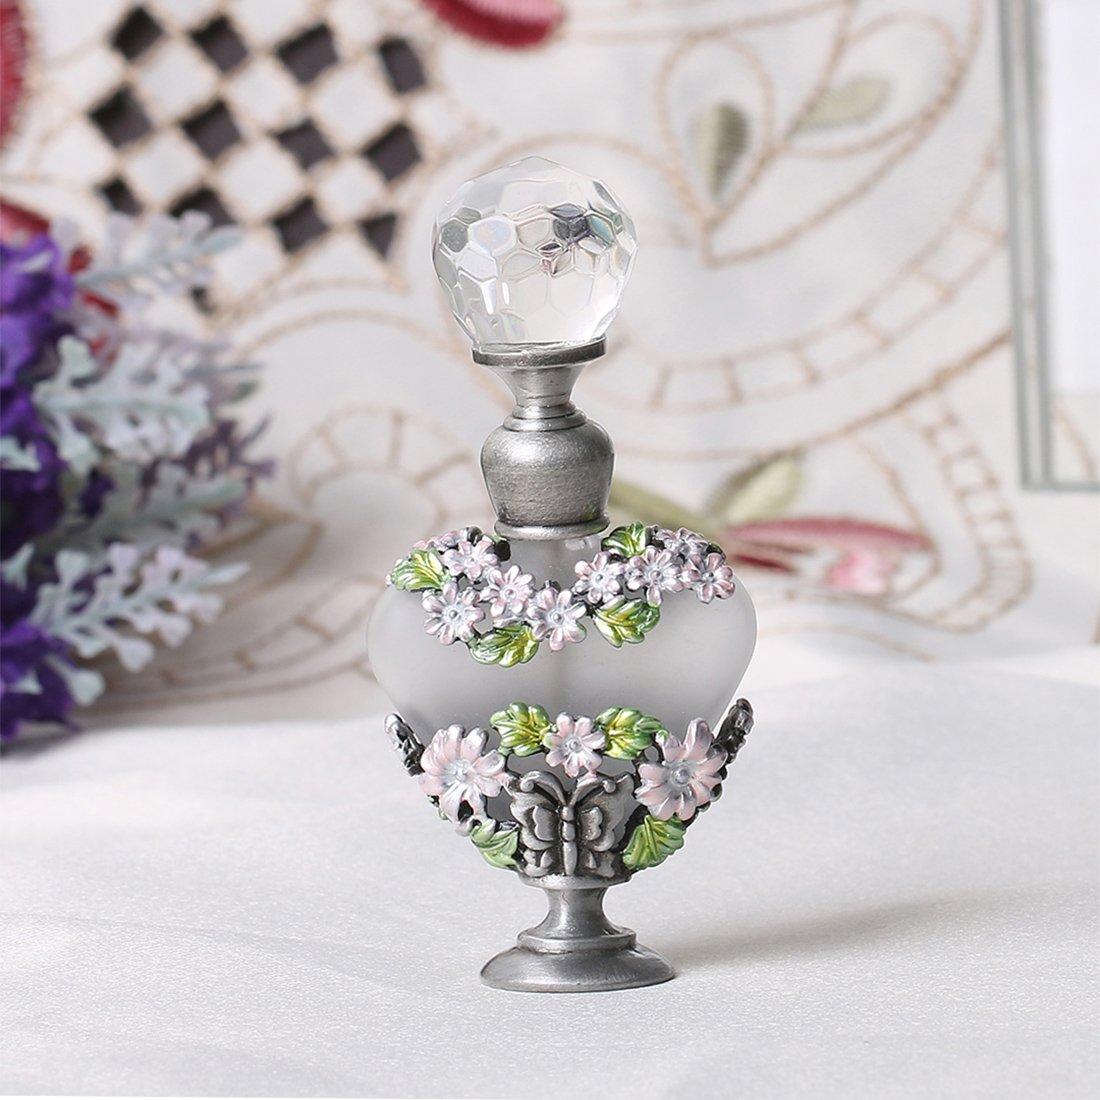 Botella H&D, para perfume, de cristal, vacía, recargable, de 8 ml en un soporte de metal, decorada con flores de margarita, rosa, granada y flor morada, ...